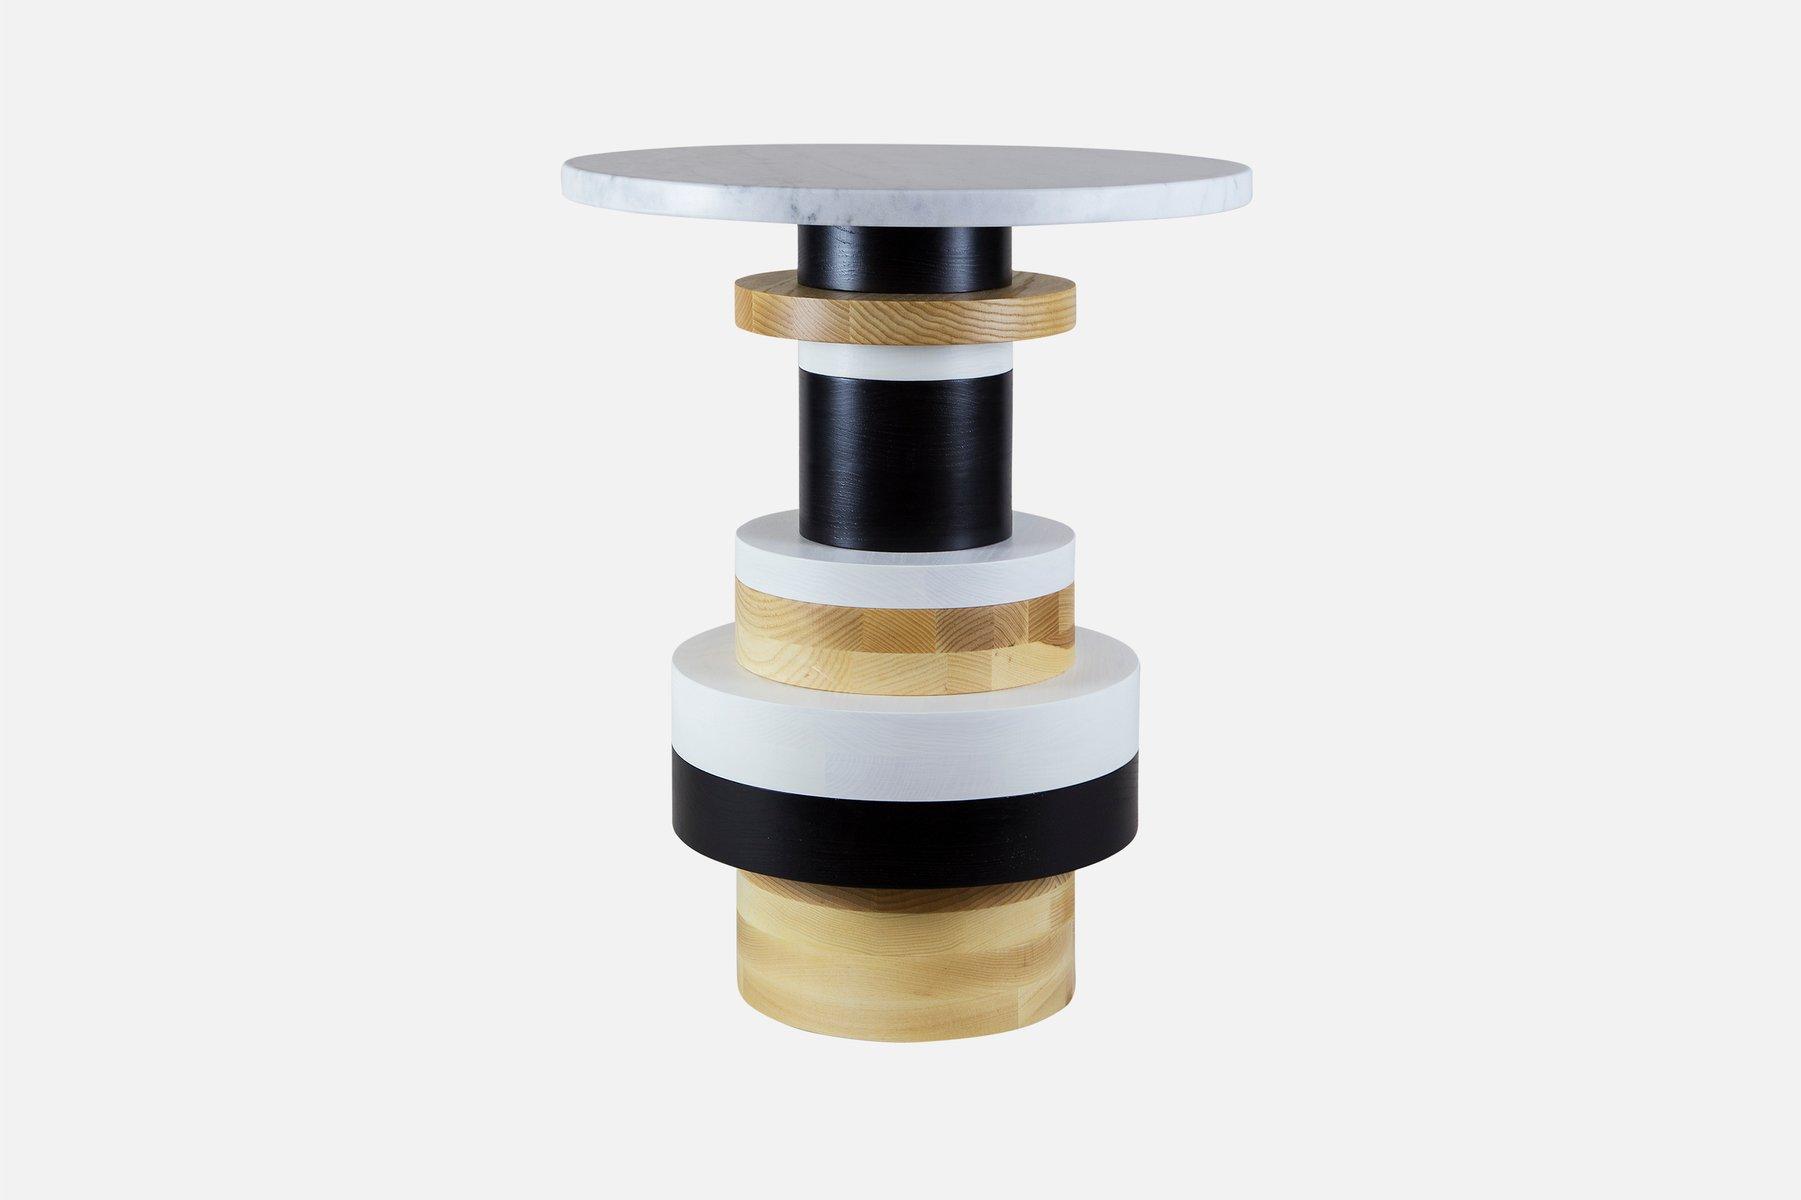 hoher sass beistelltisch mit marmorplatte von mpgmb f r. Black Bedroom Furniture Sets. Home Design Ideas